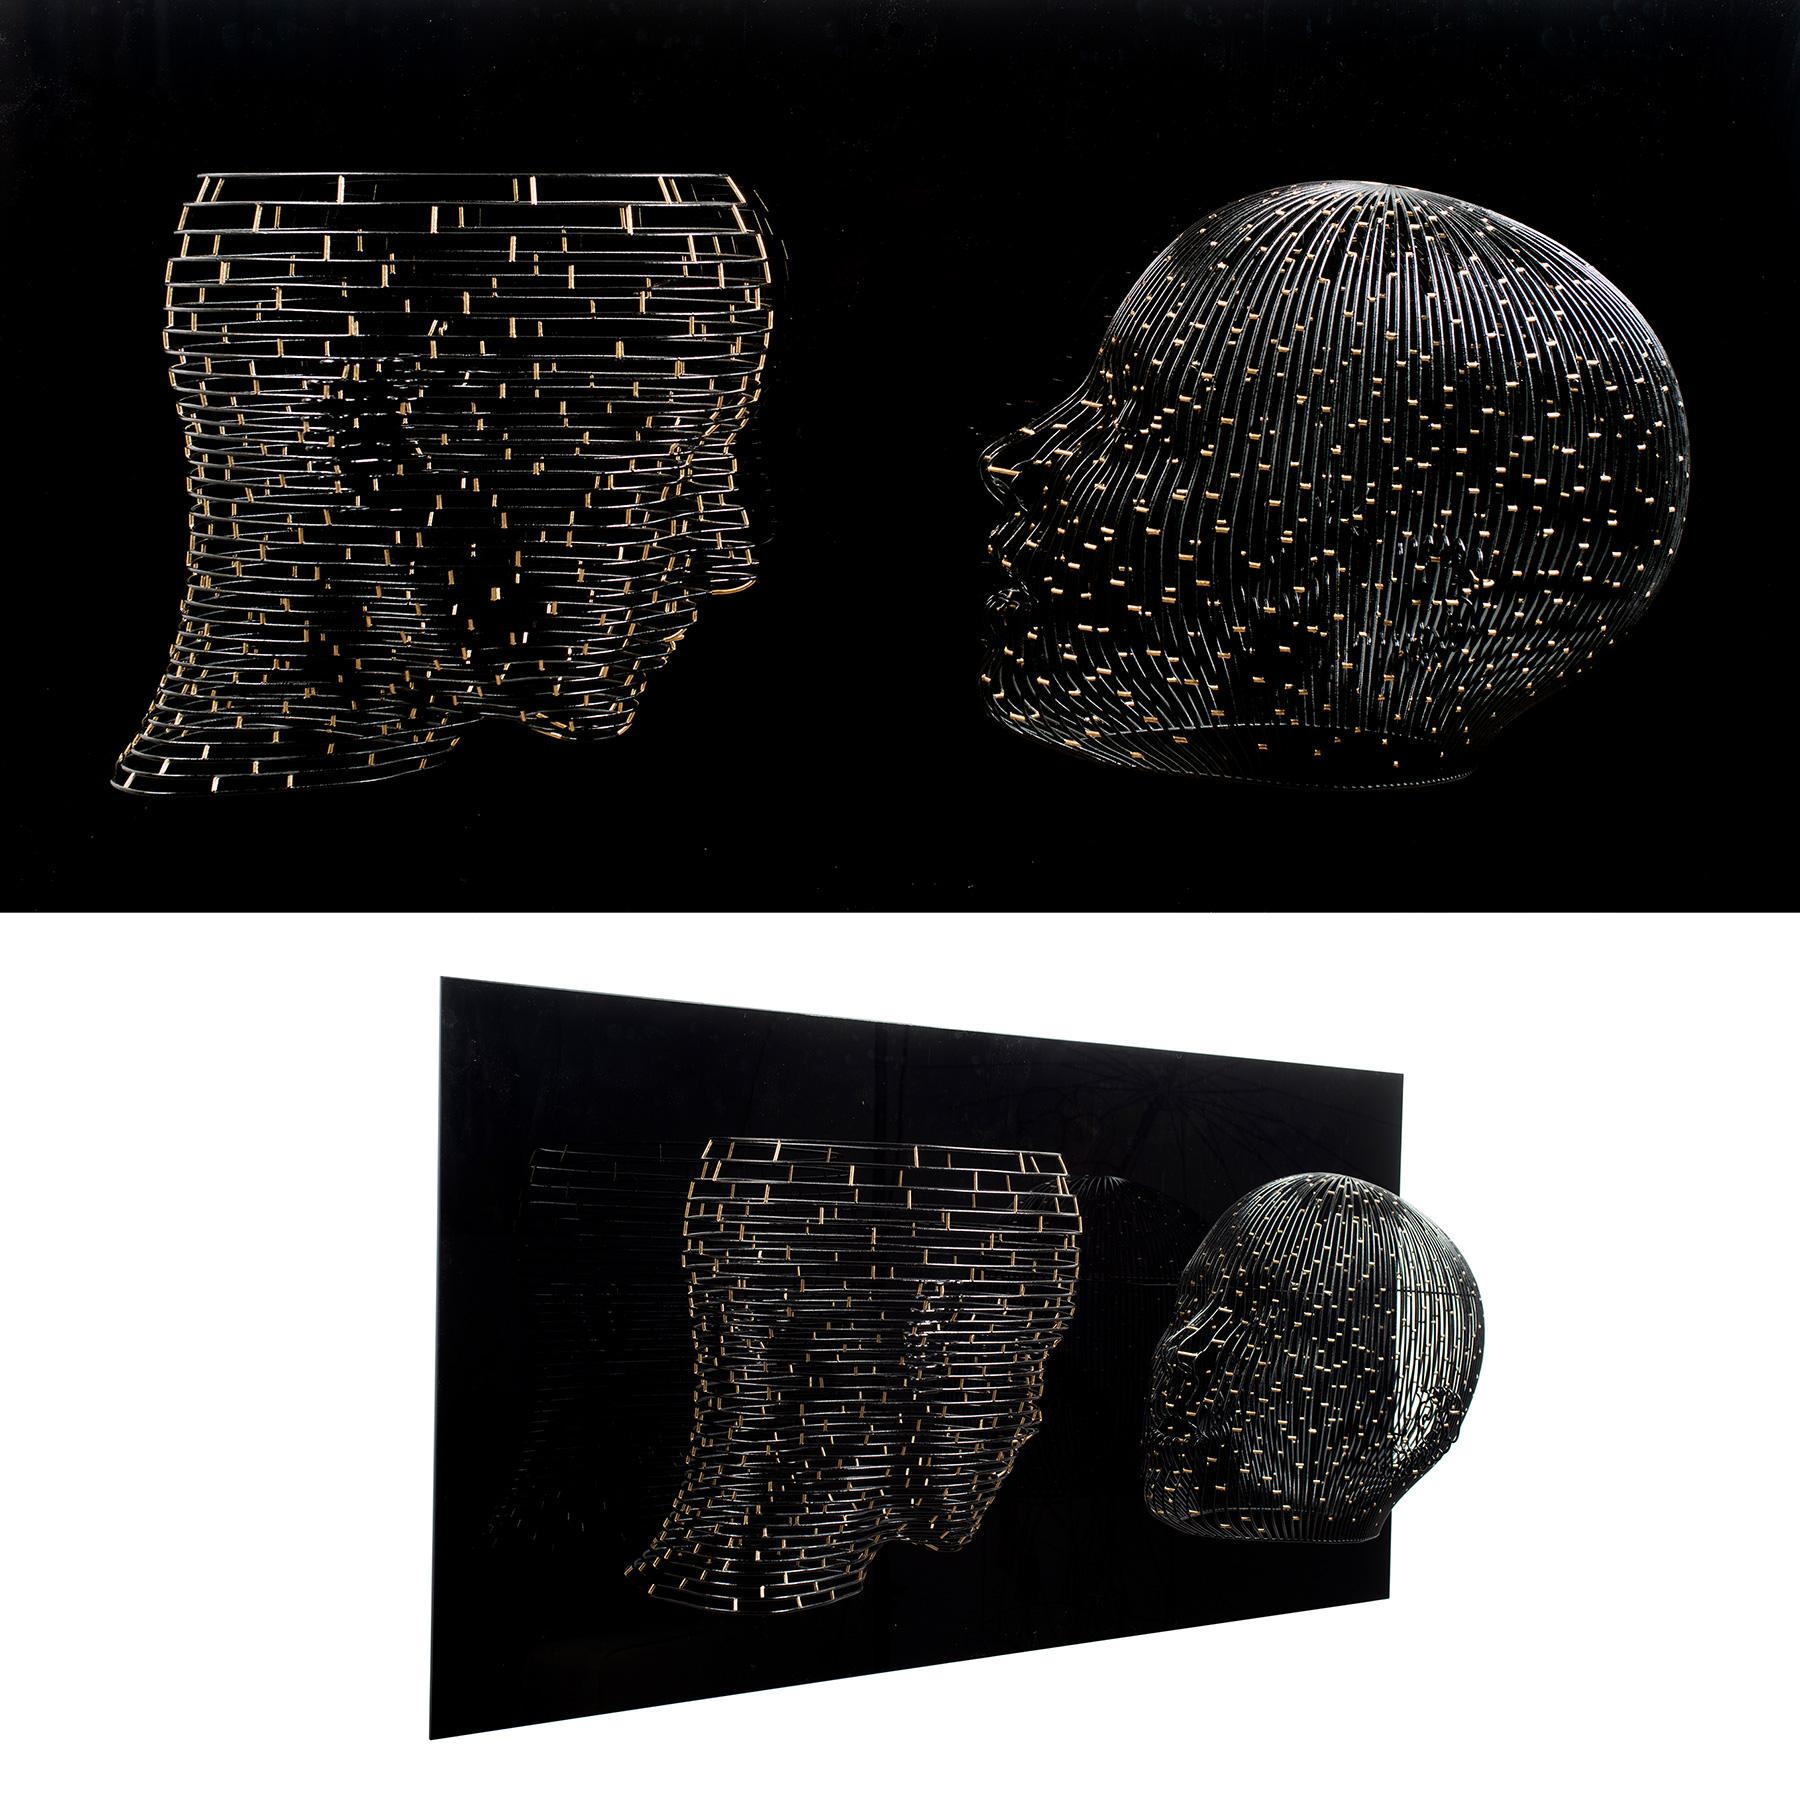 Bonzanos A.G., Quando parli ad occhi chiusi, sogno ad occhi aperti, Scultura in filo SLS Duraform, realizzata con stampante 3D, 70x135x35 cm, 2018.